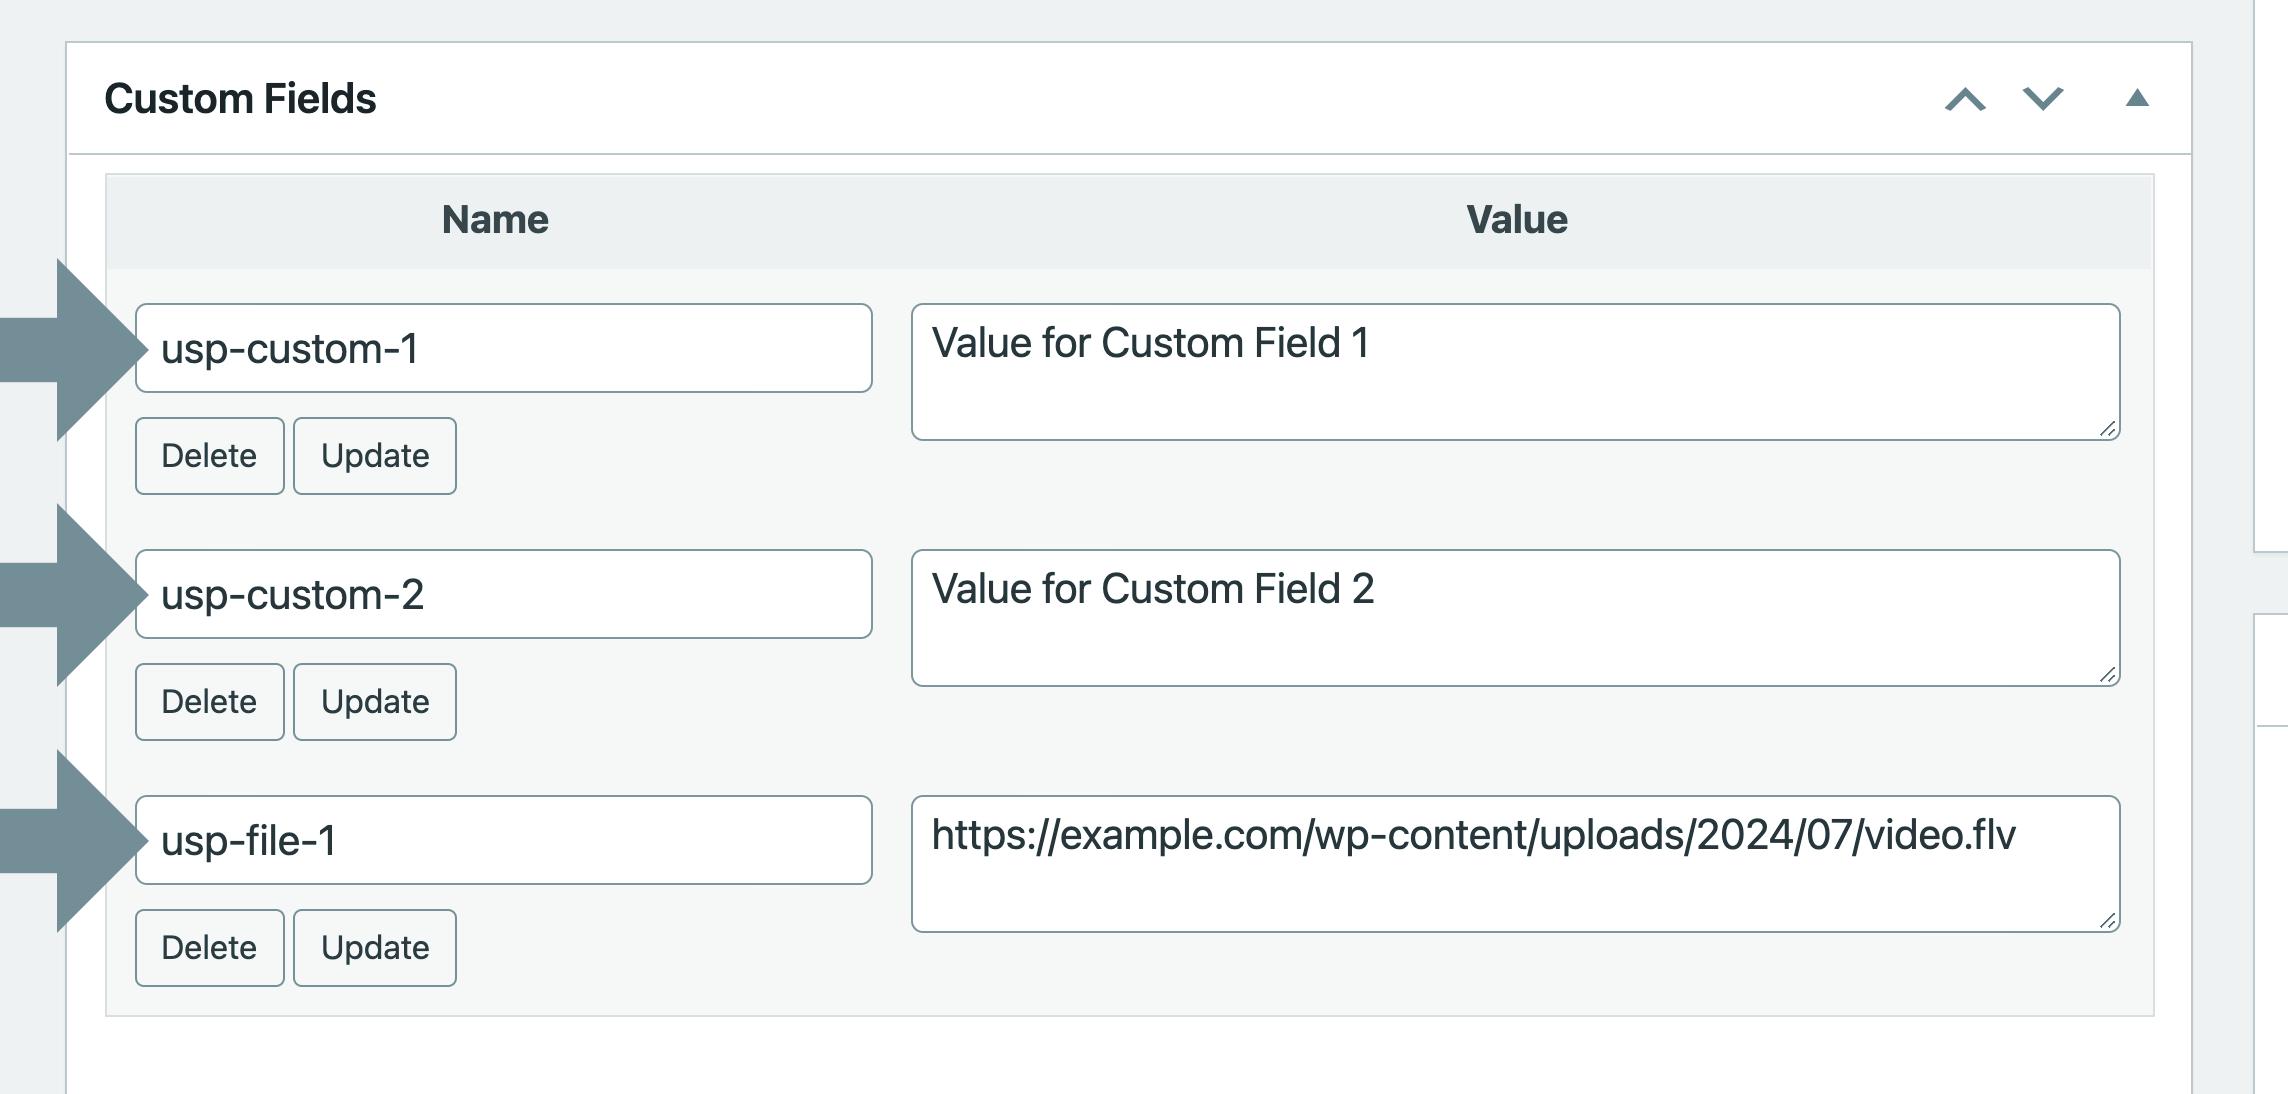 USP Helper - Custom Fields